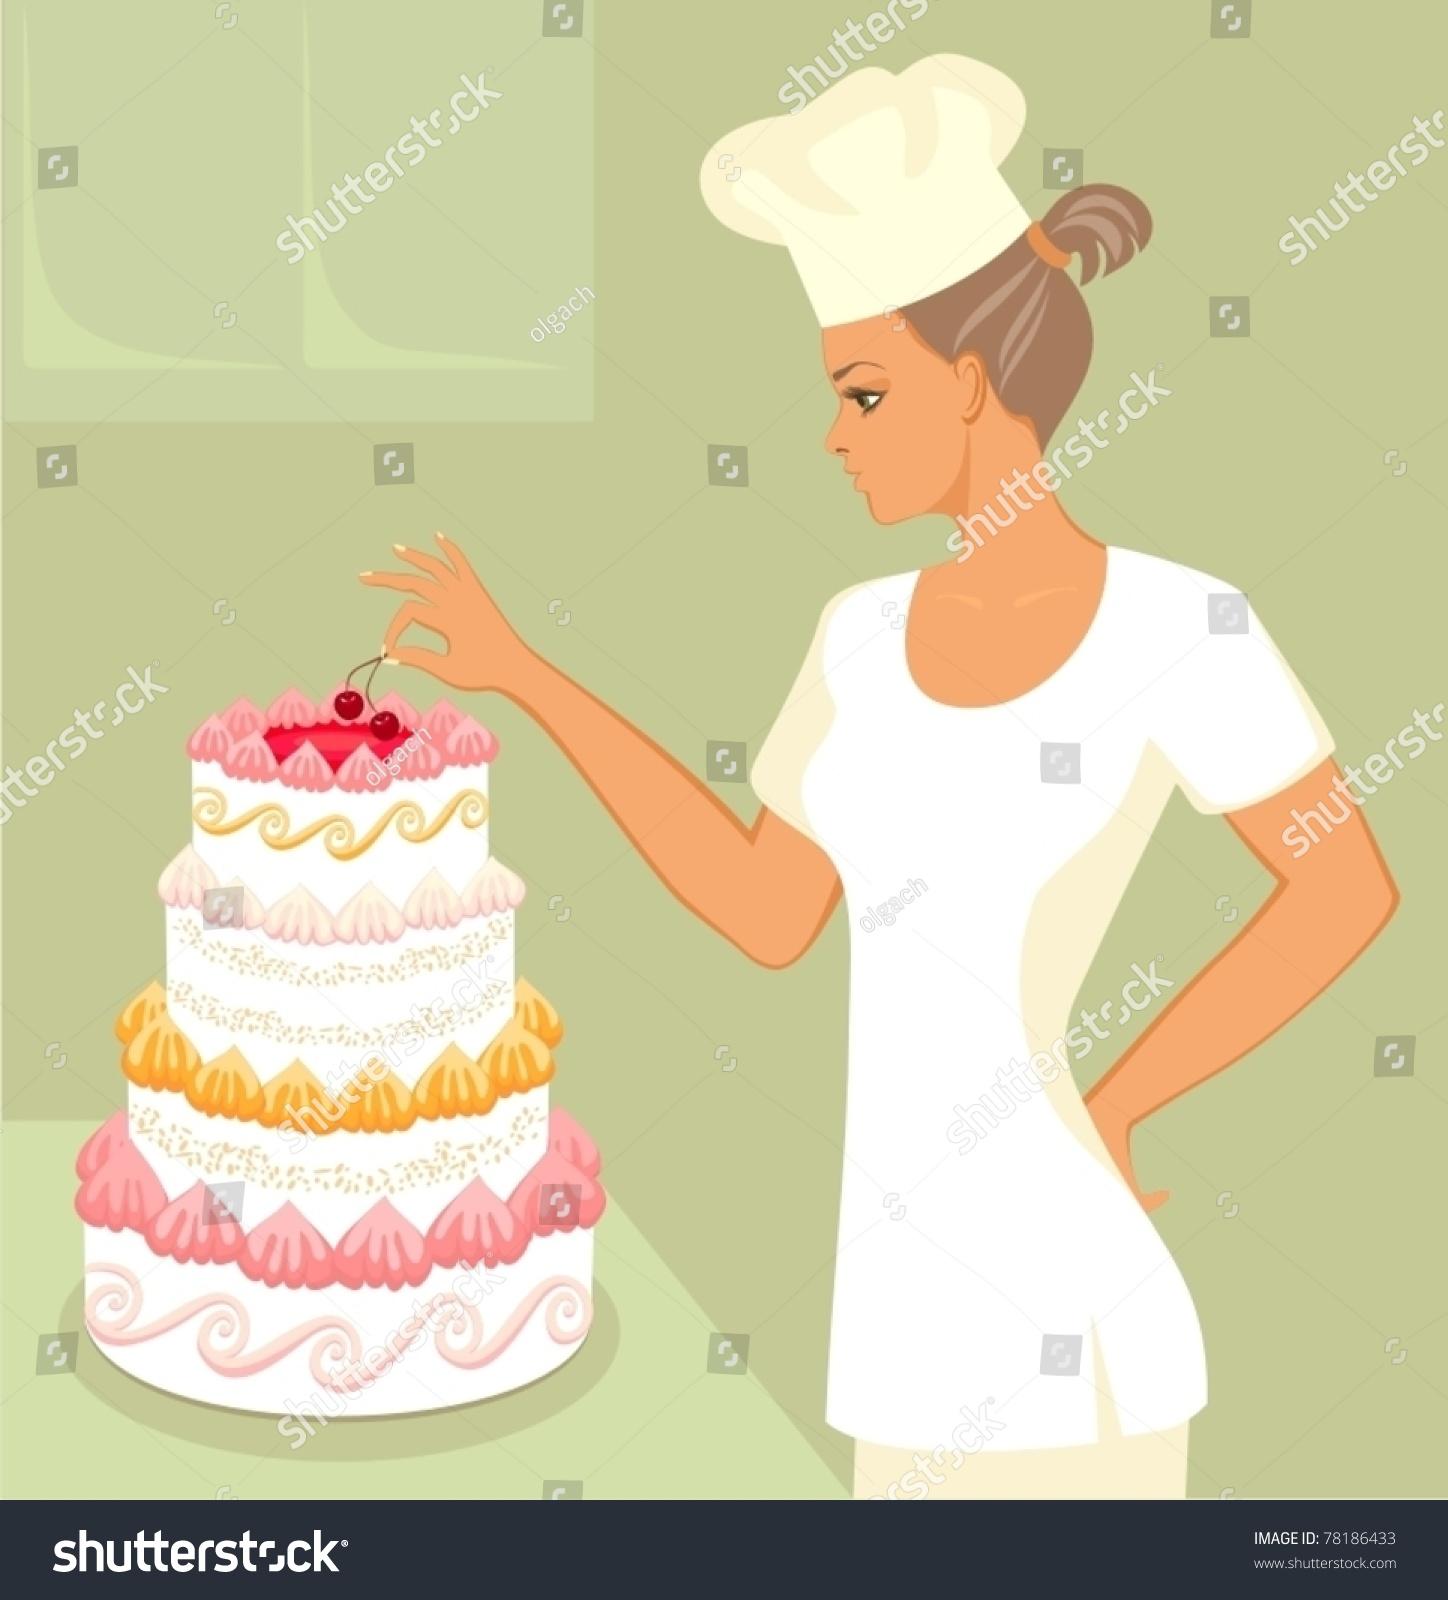 Baker Wedding Cake Stock Vector (Royalty Free) 78186433 - Shutterstock